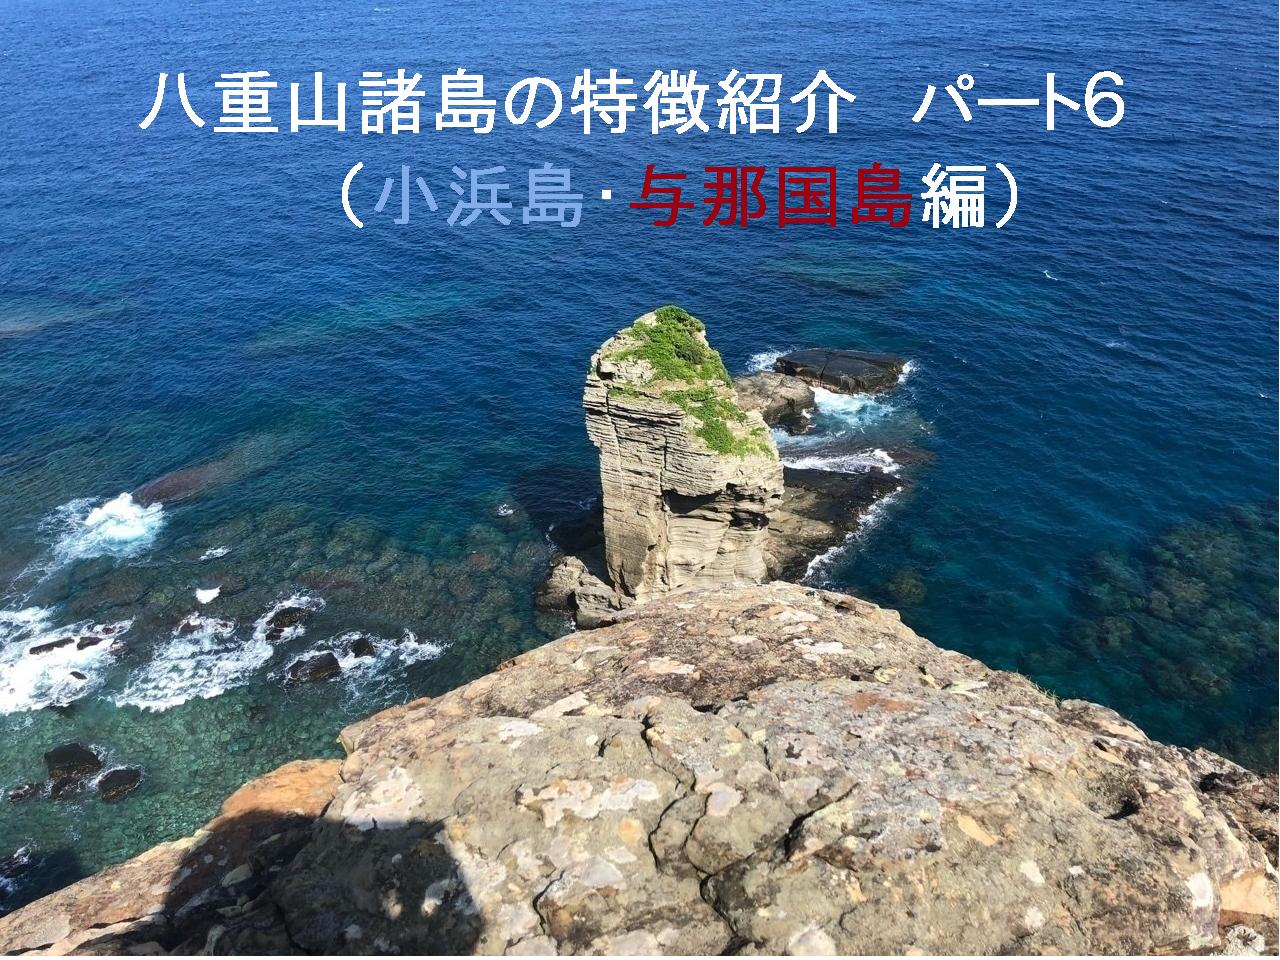 八重山諸島の特徴紹介パート6(小浜島・与那国島編)